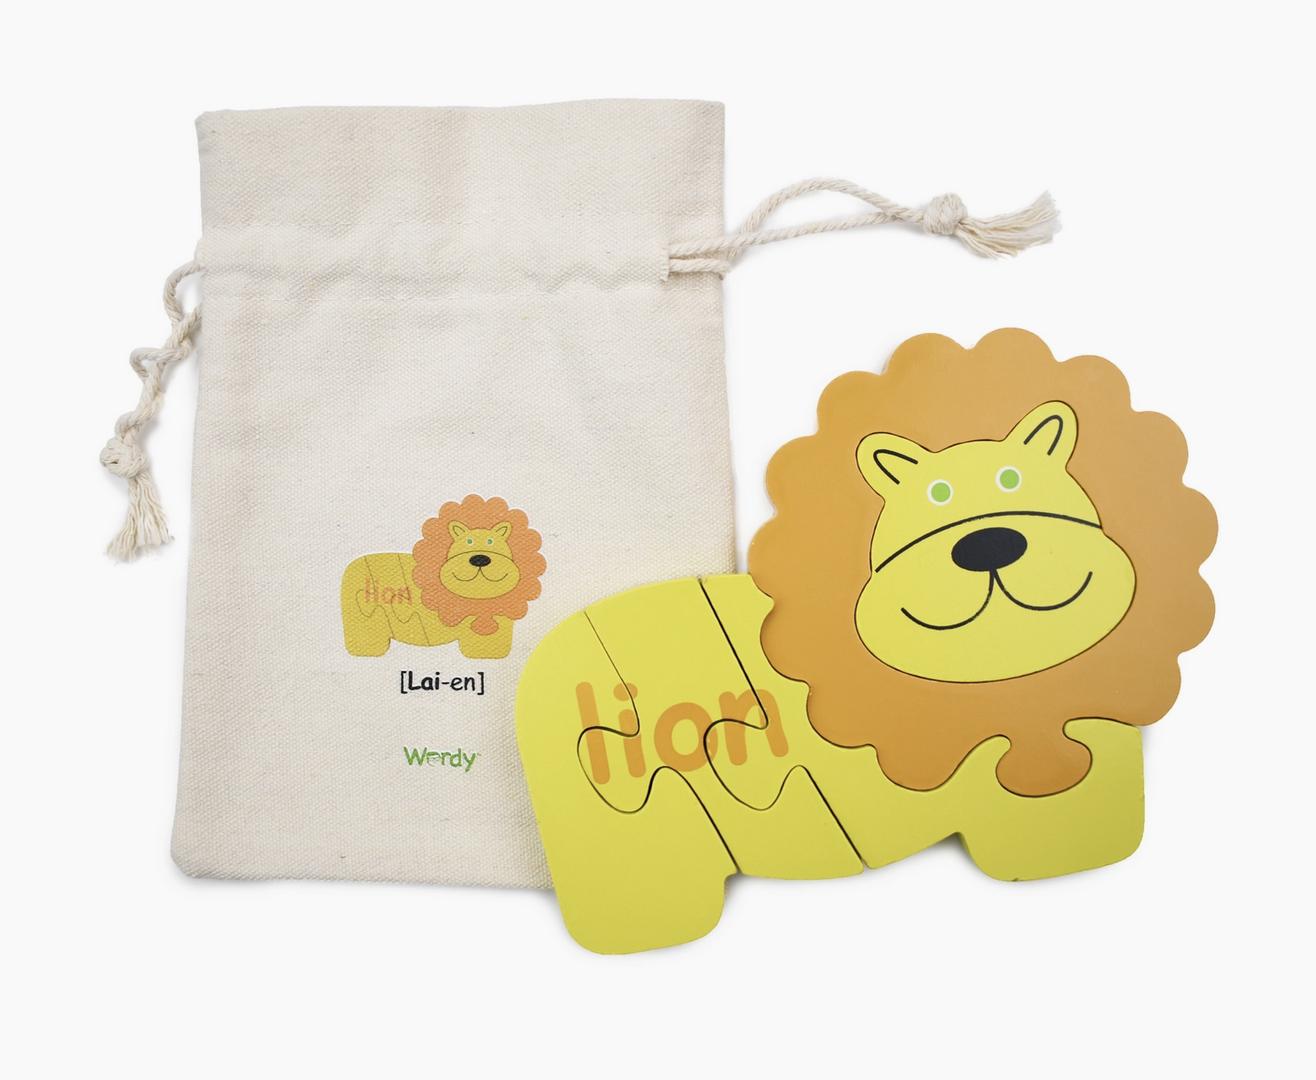 Wordy Wordy Lion   English/French